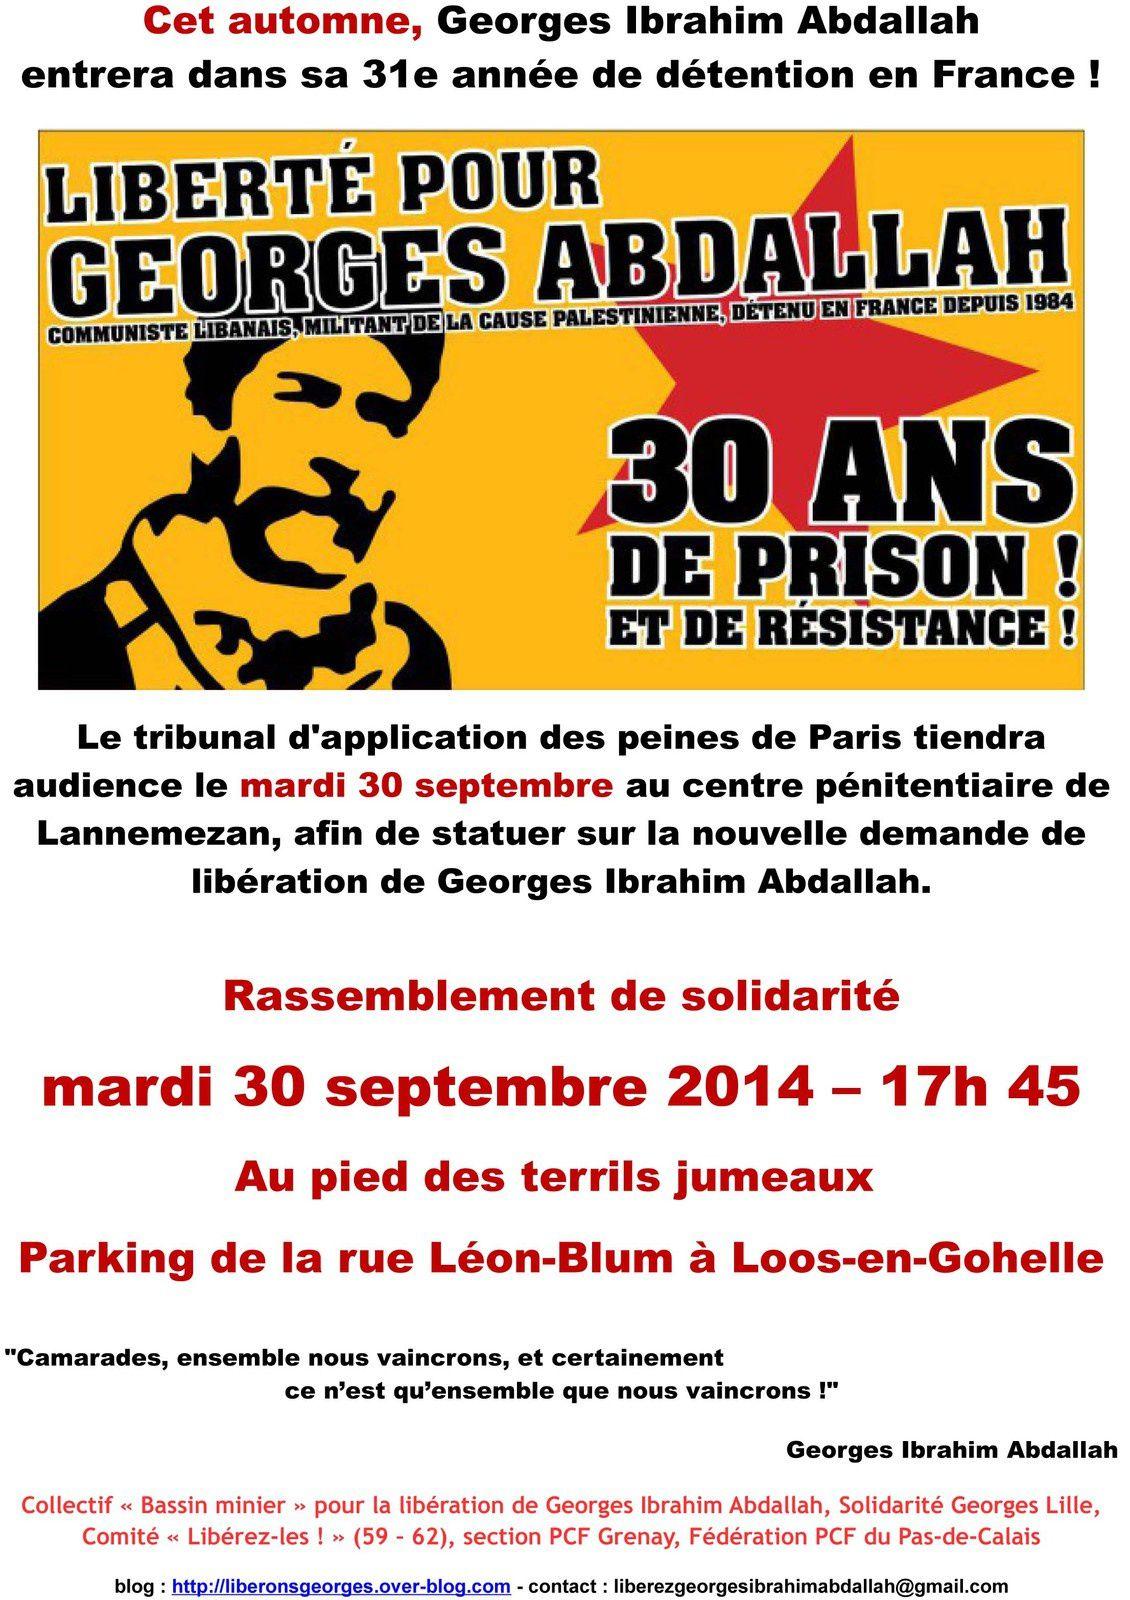 Liberté pour Georges Abdallah : rassemblement de solidarité mardi 30 septembre